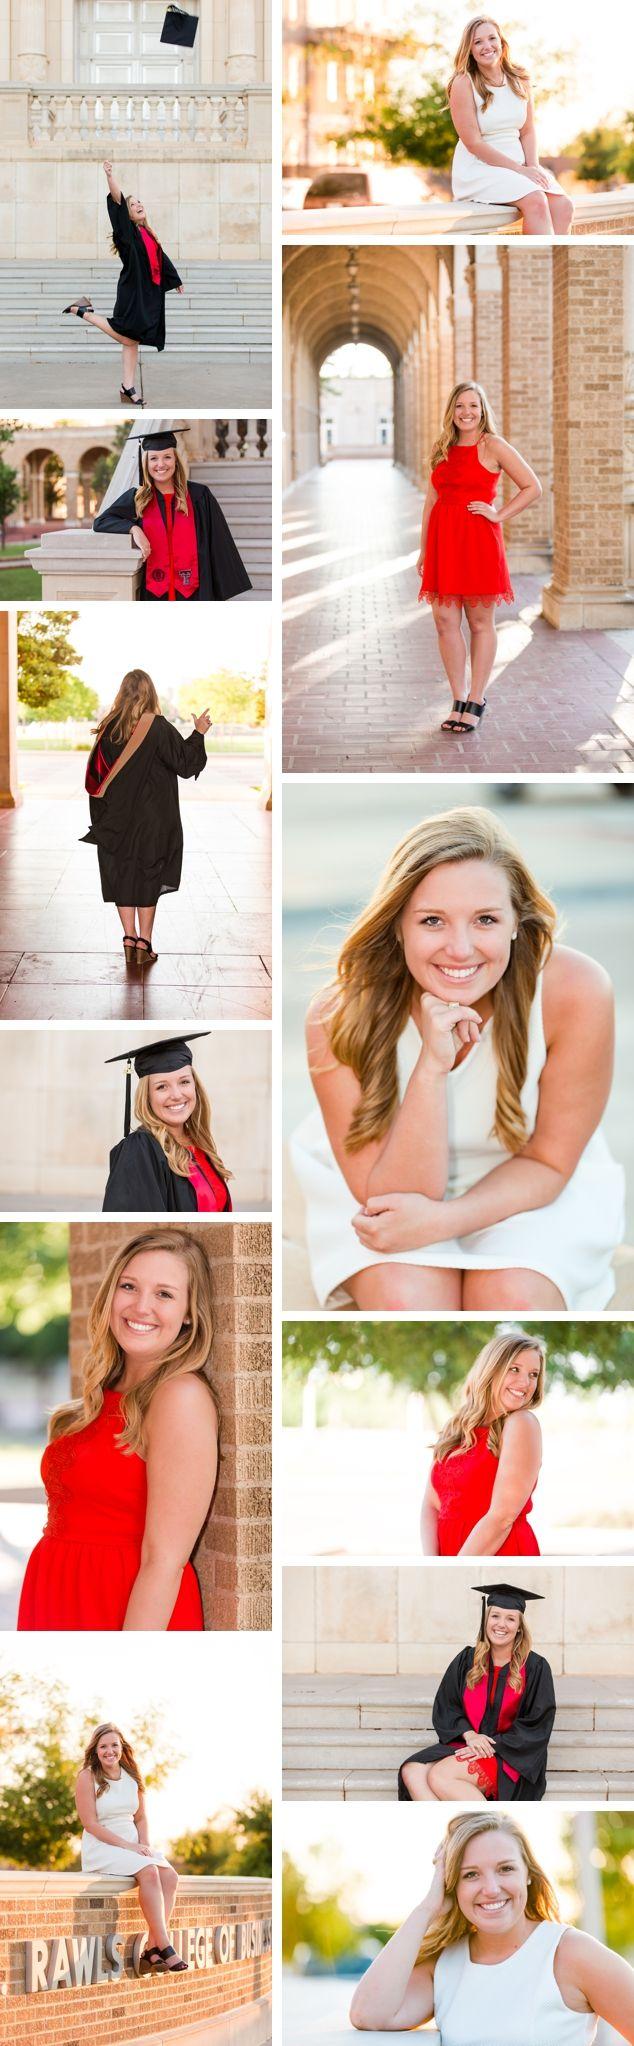 Texas Tech Senior Photos